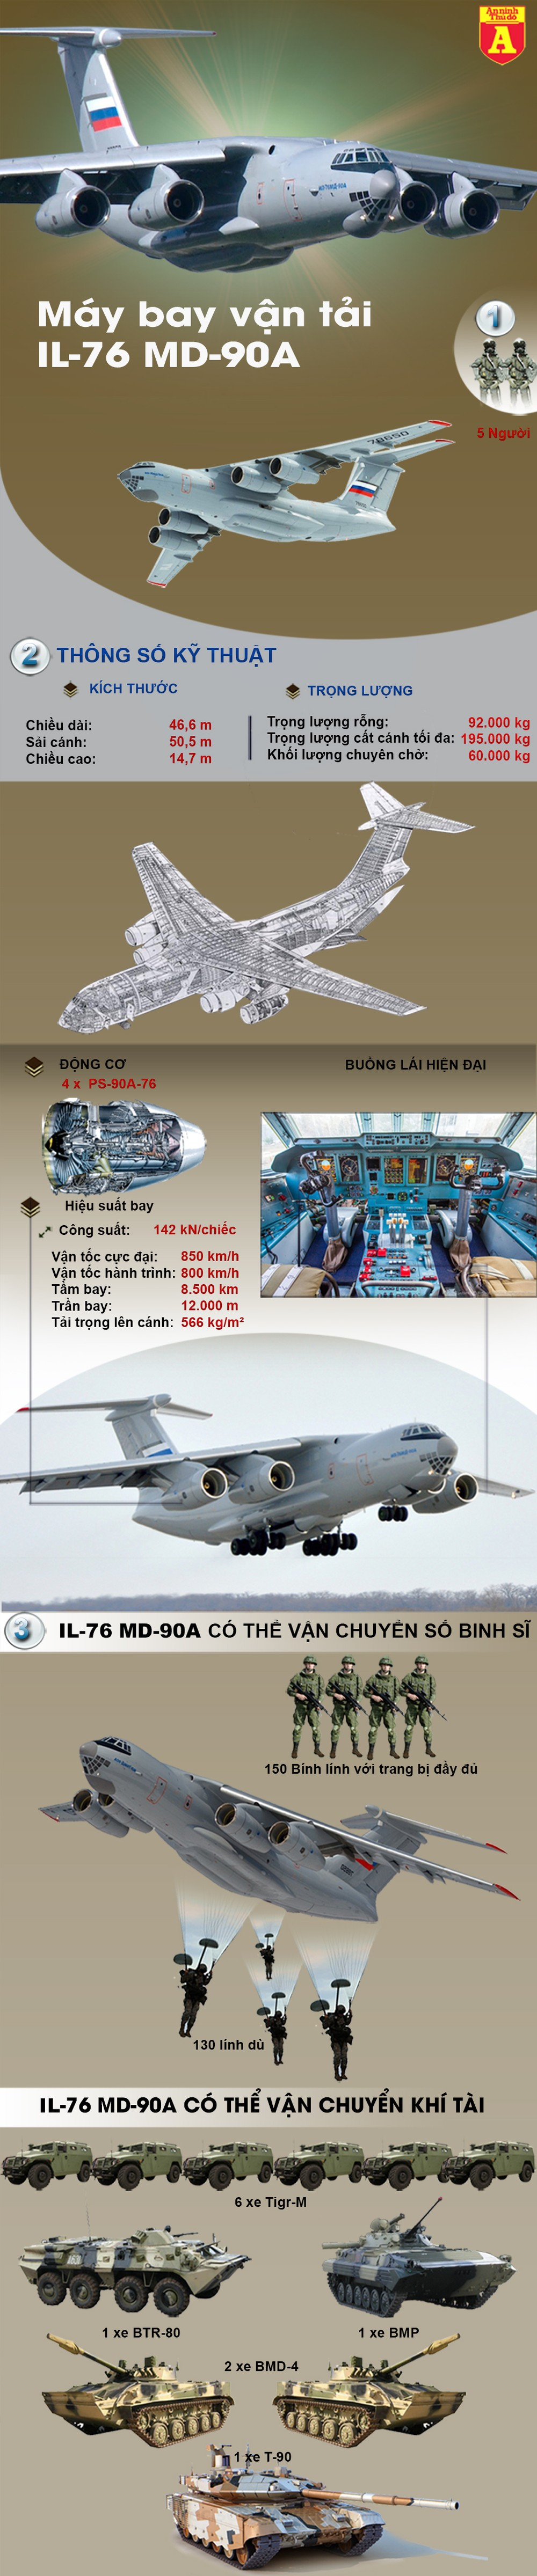 """[Infographic] Rõ sức mạnh """"ngựa thồ"""" IL-76 Nga, liệu Việt Nam có mua loại máy bay này? ảnh 2"""